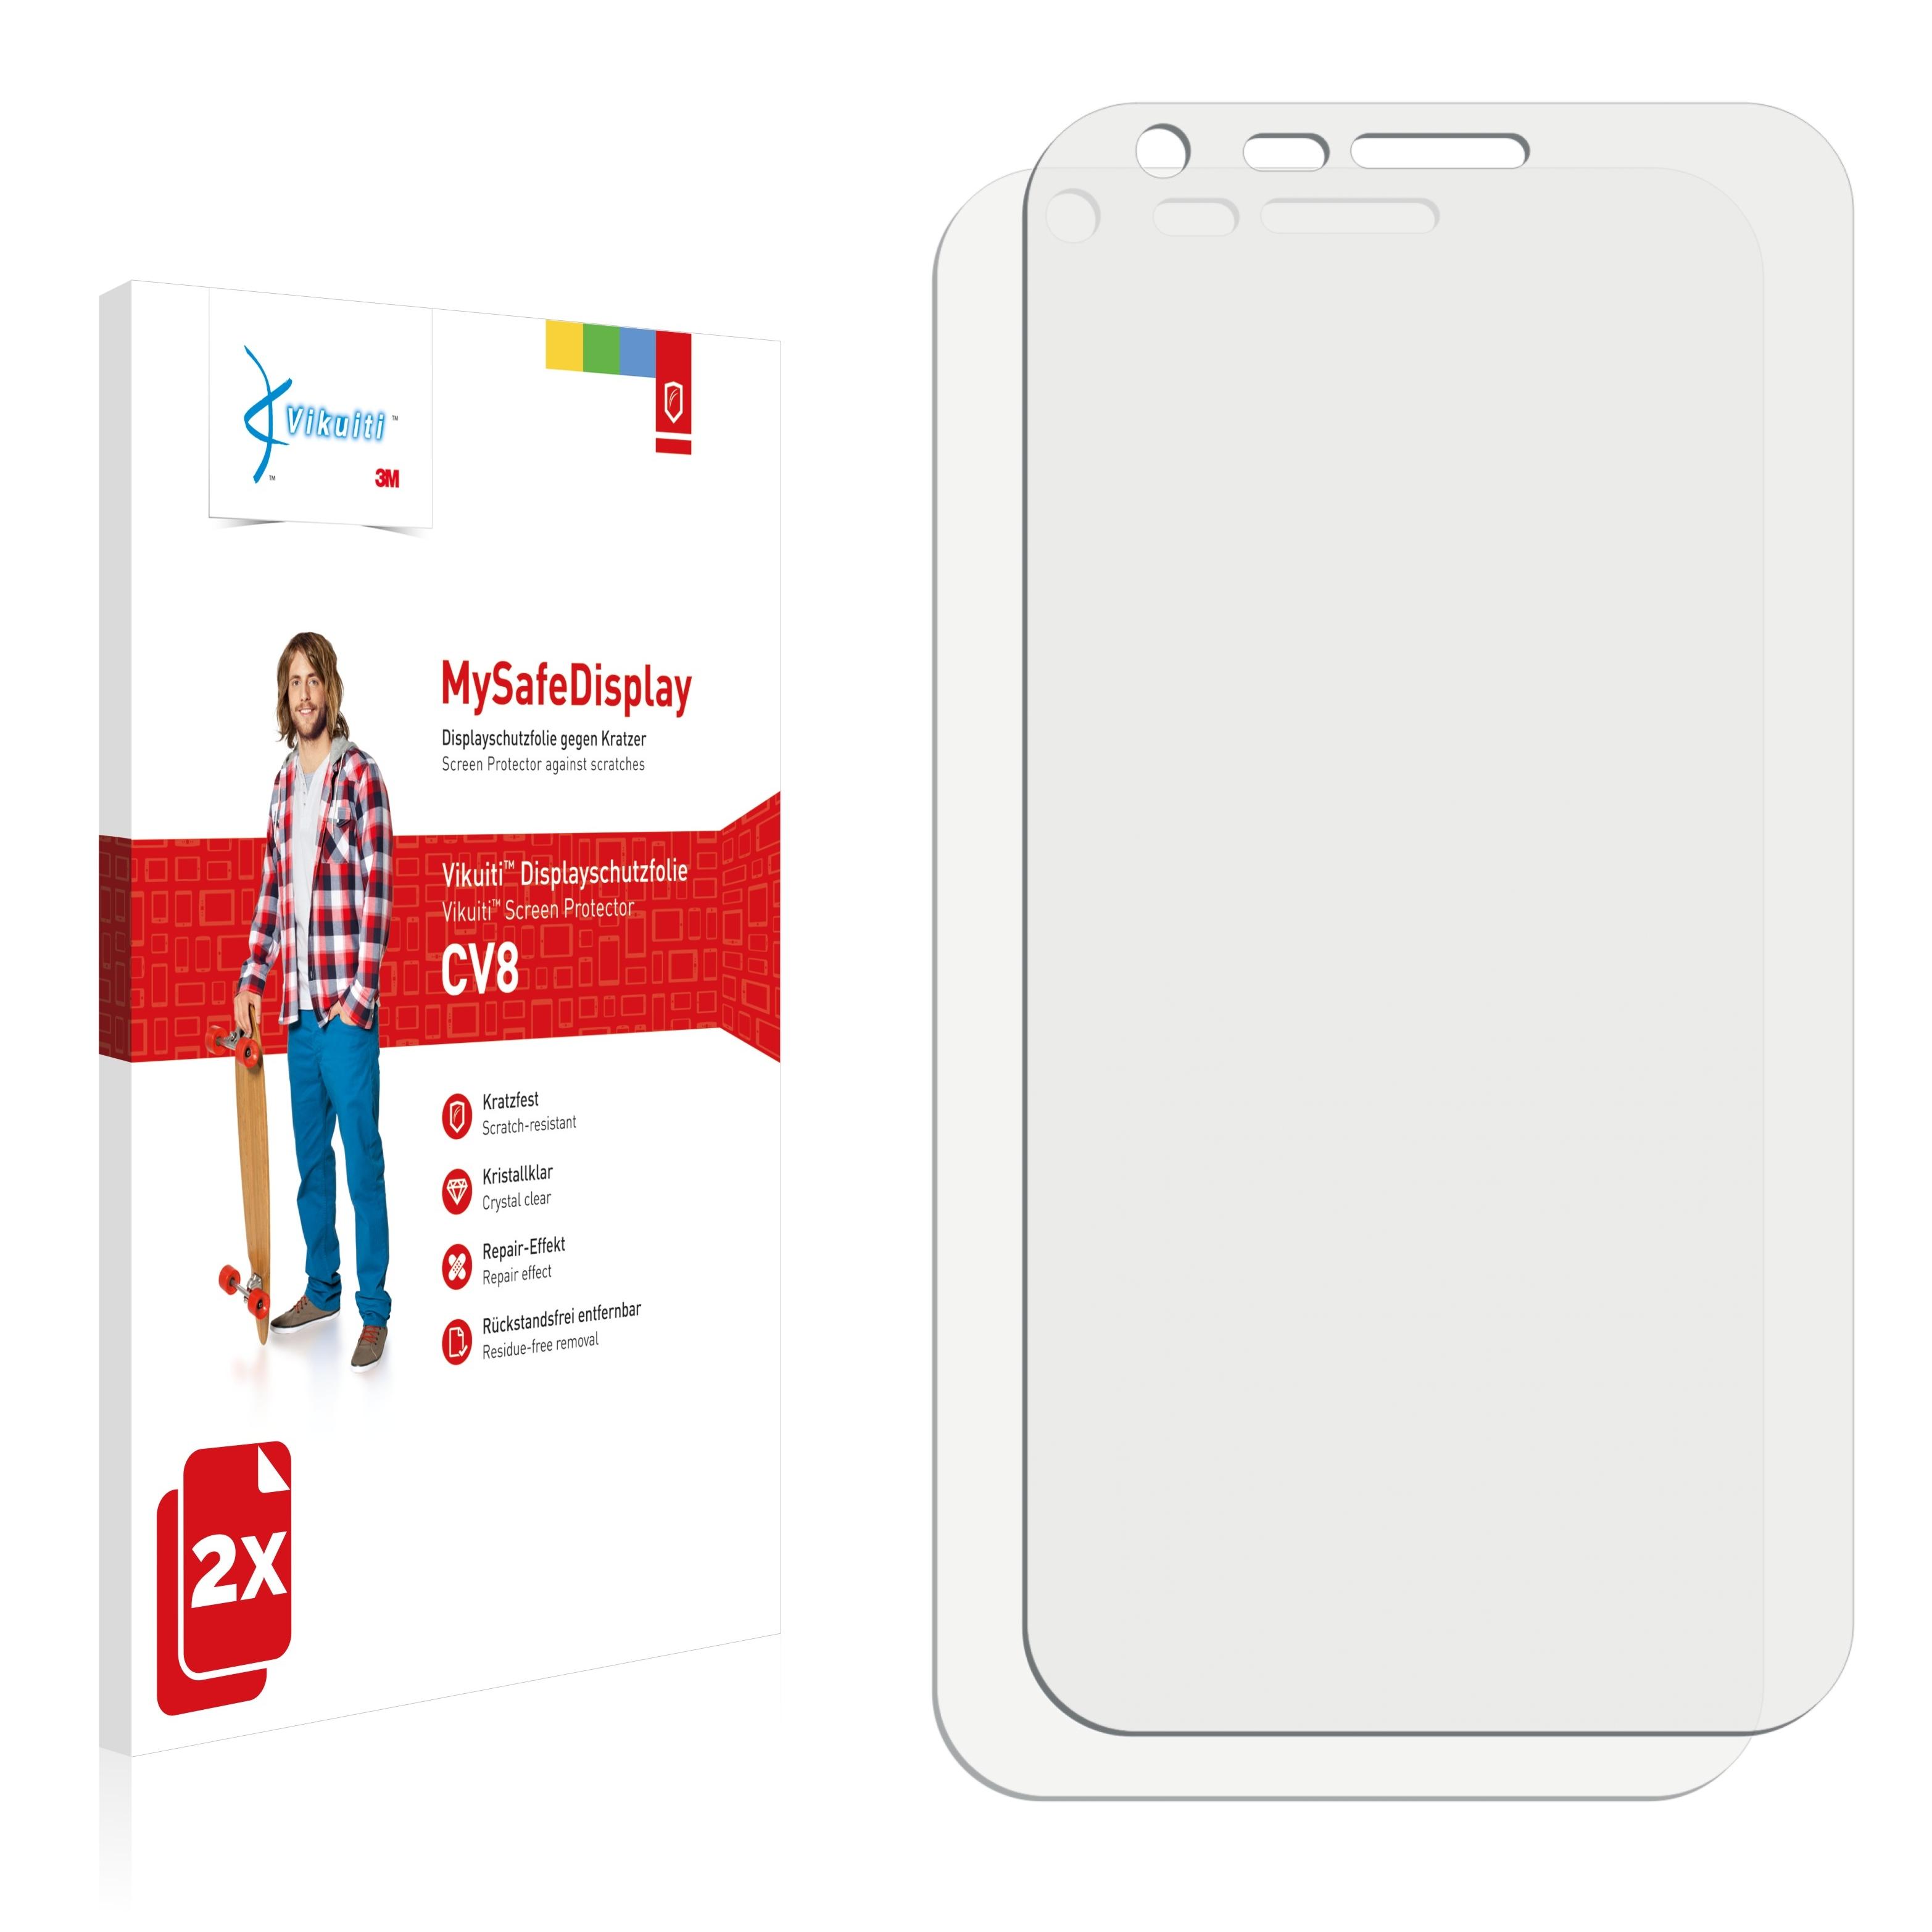 Ochranná fólie CV8 od 3M pro Asus PadFone E Phone, 2ks